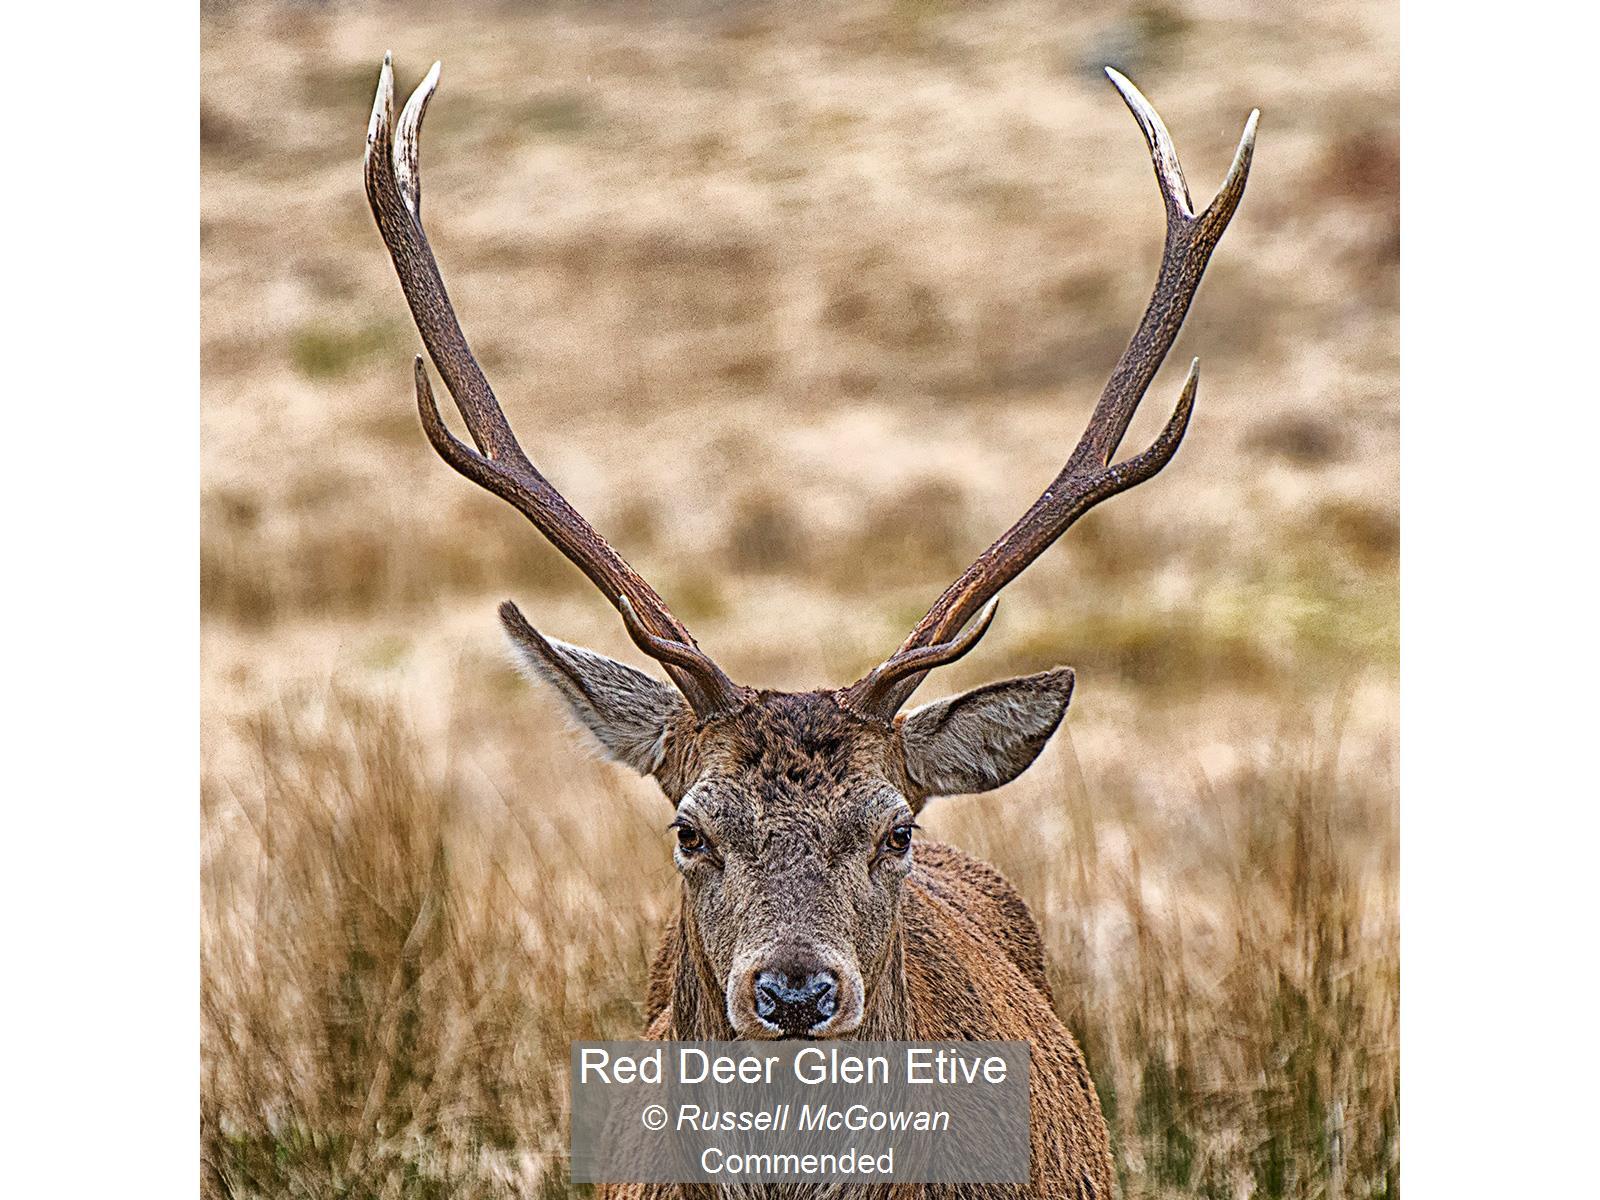 Red Deer Glen Etive_Russell McGowan_Comm